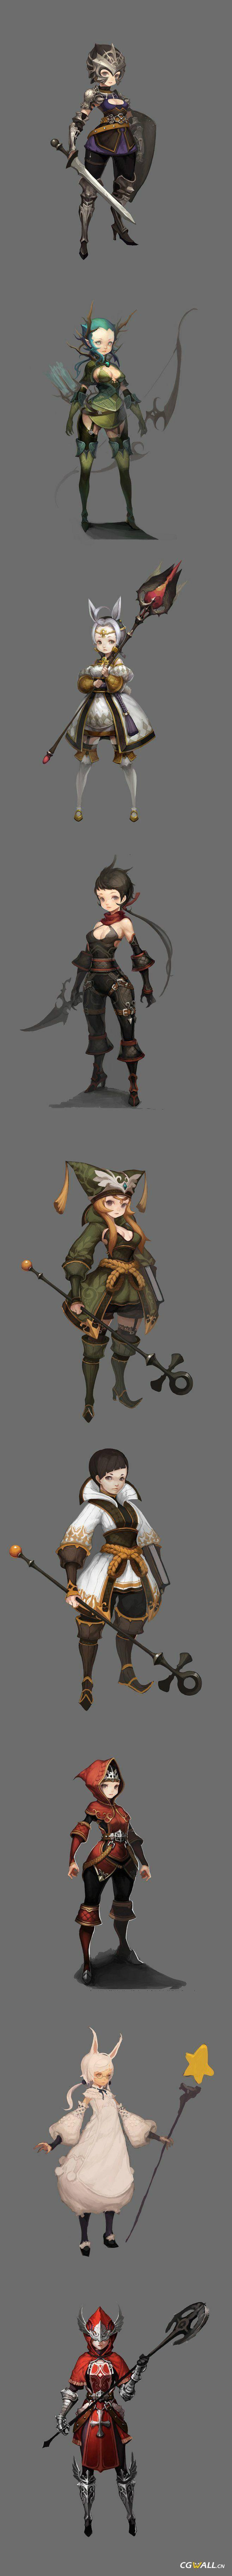 CGwall游戏原画网站_q版设定职业类型图,法师,战士,弓箭手,刺客